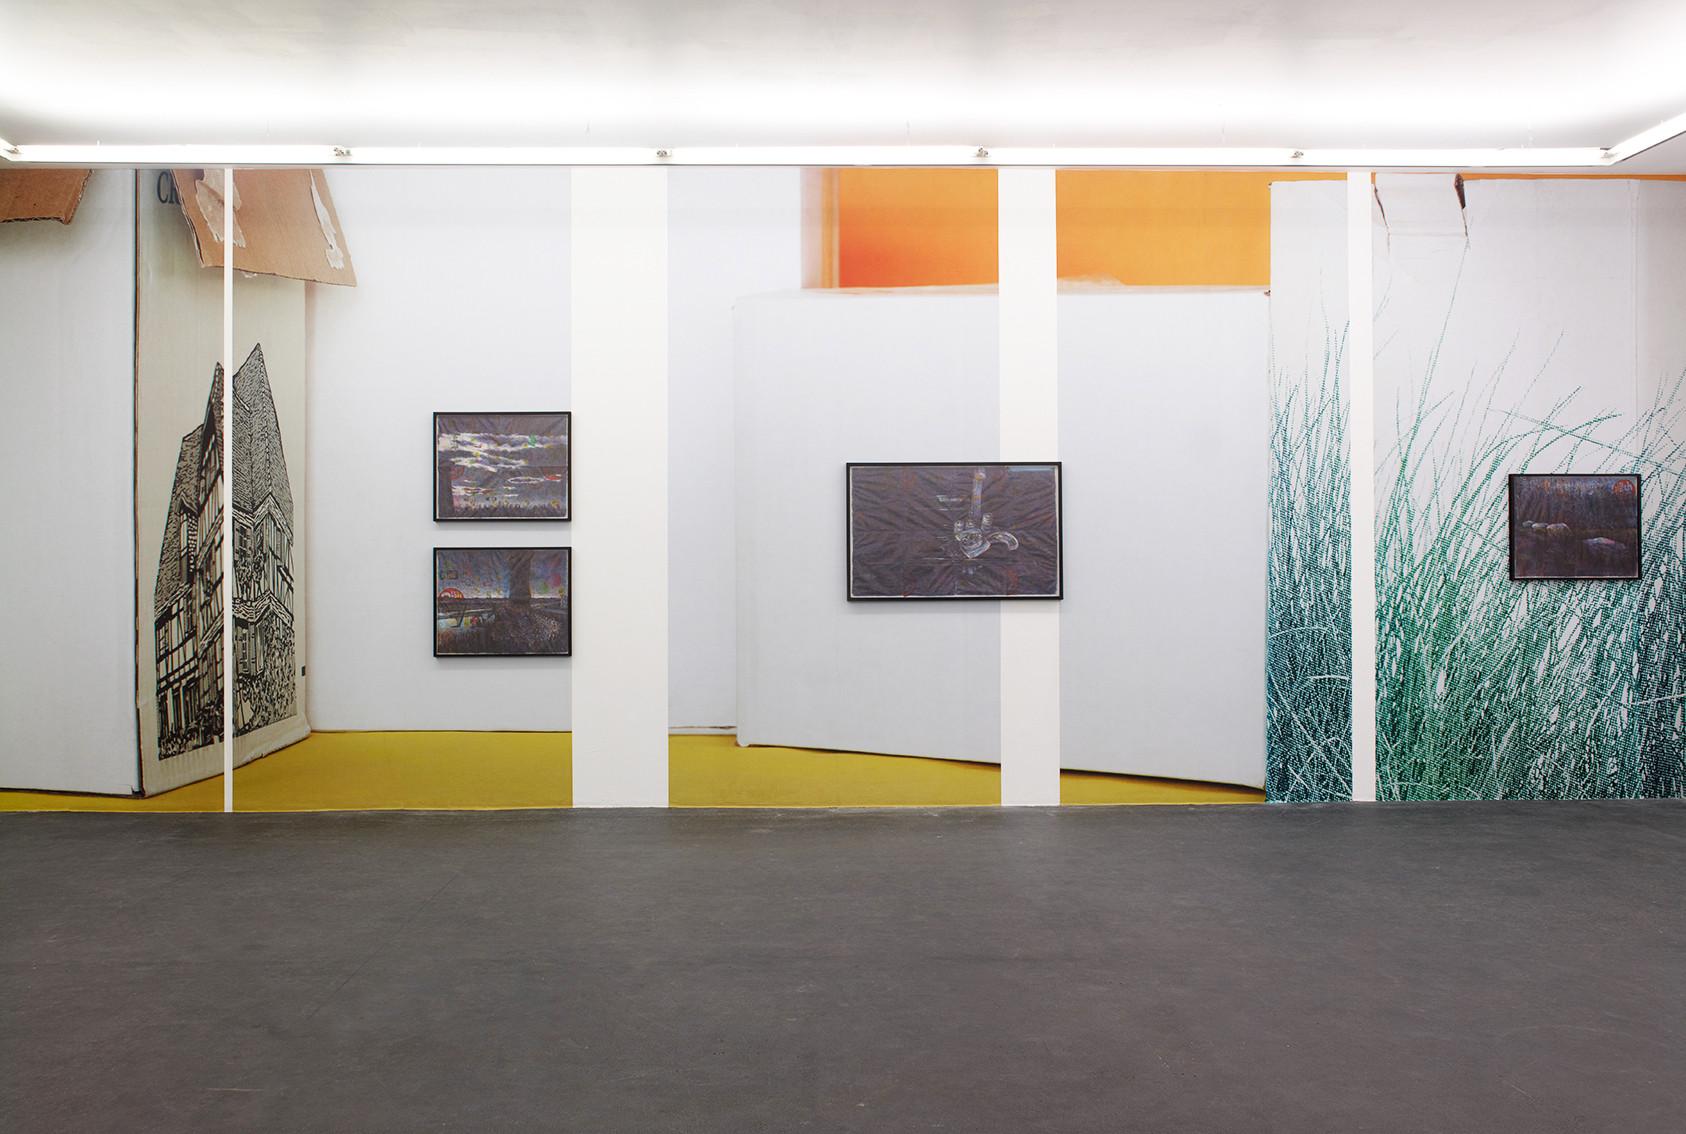 Matières premières, 2013